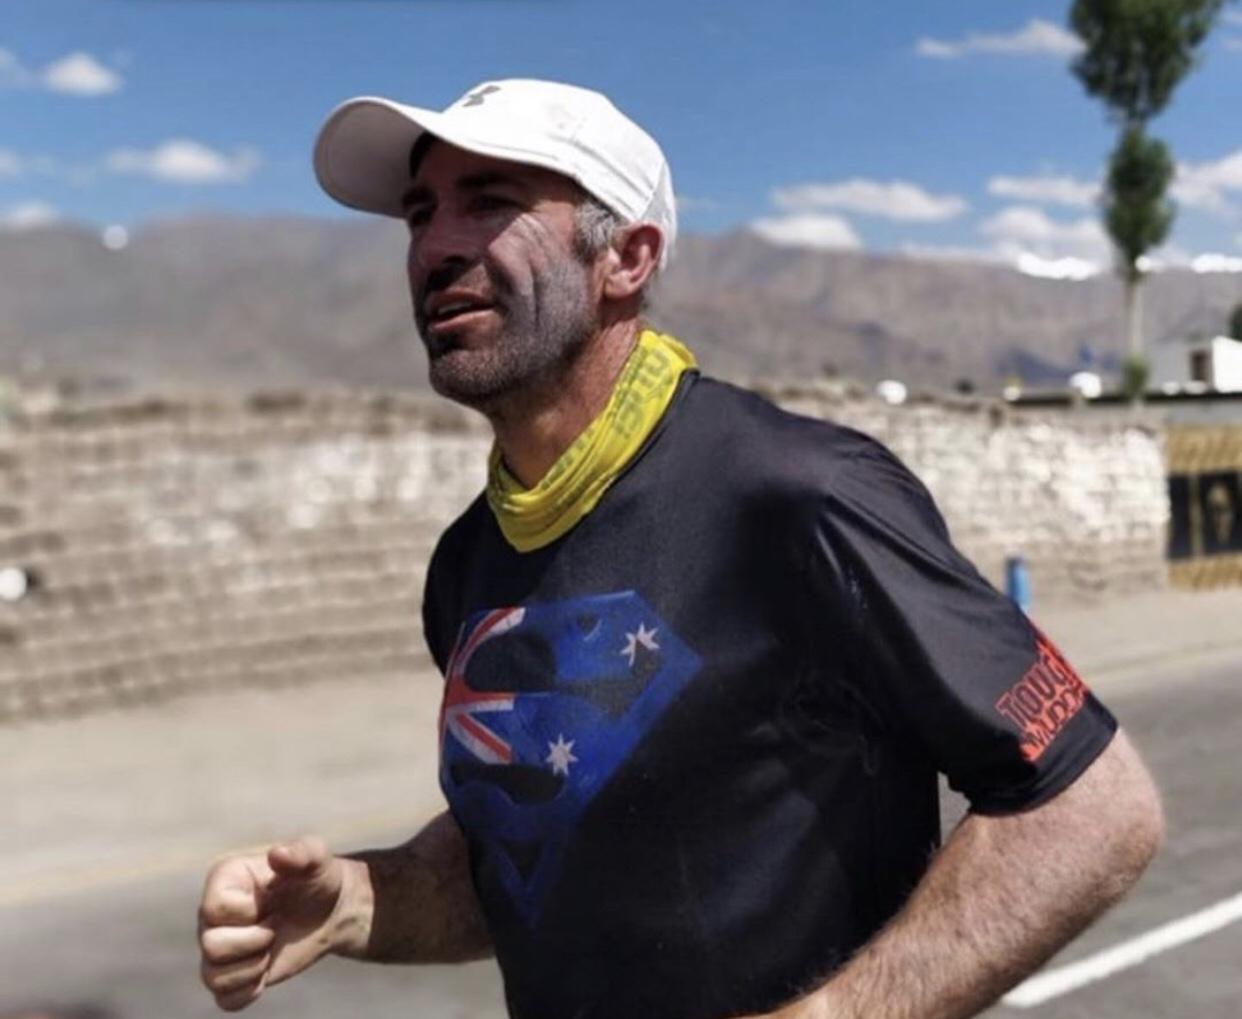 Jason Reardon, the Australian superman